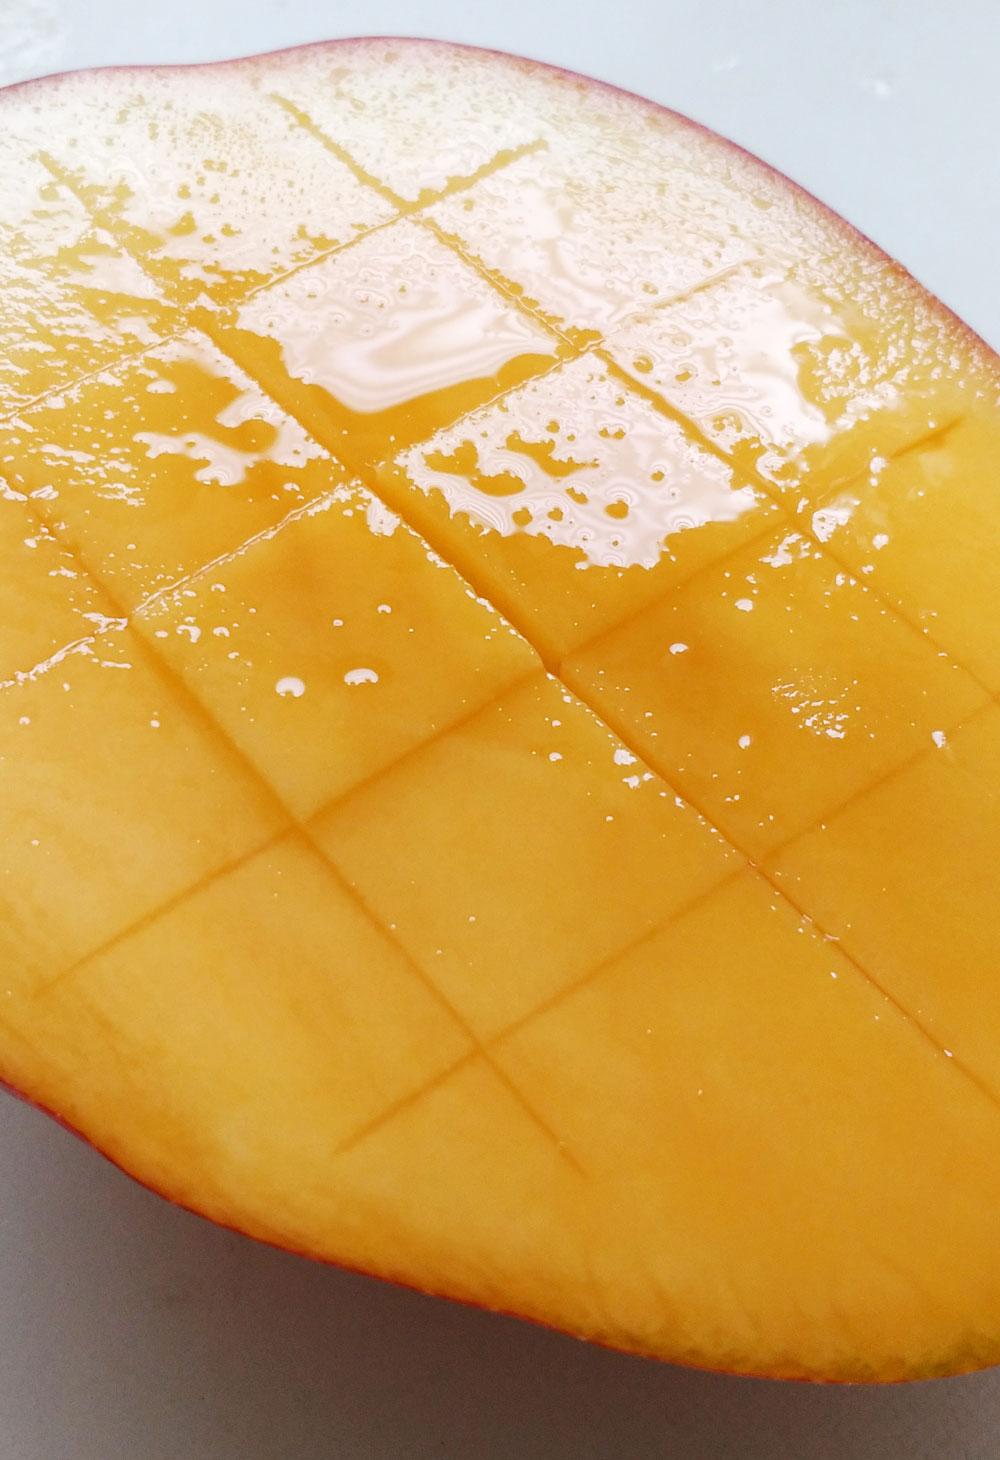 マンゴーから溢れ出る果汁